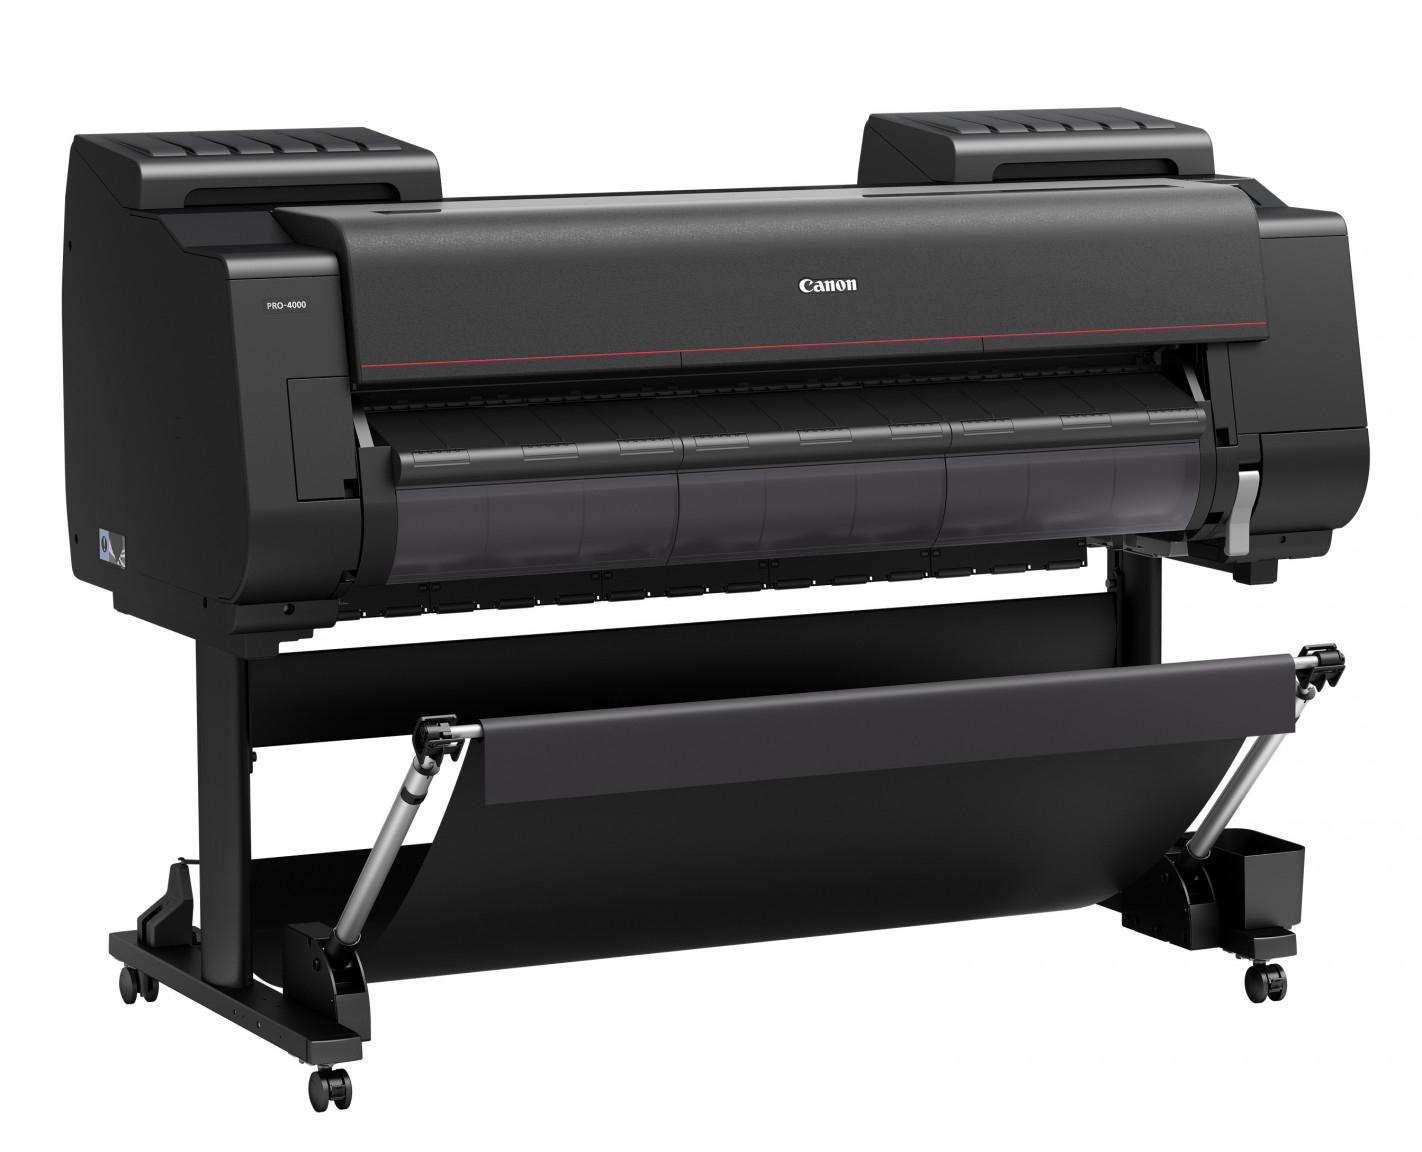 PRO-6000S